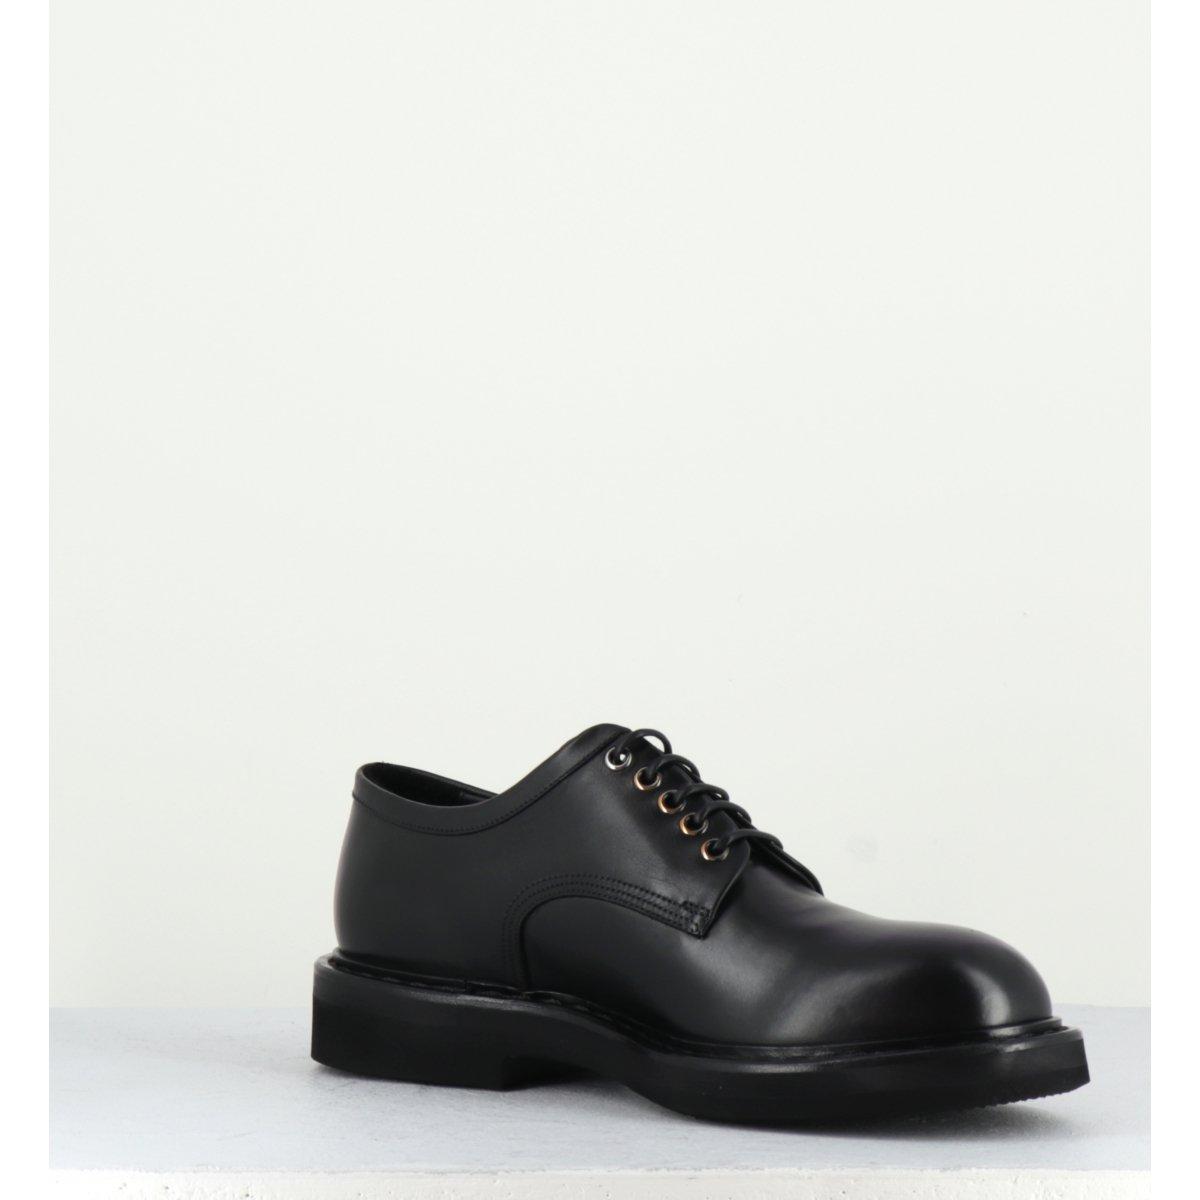 Chaussure en cuir noir homme 31355 - PREMIATA